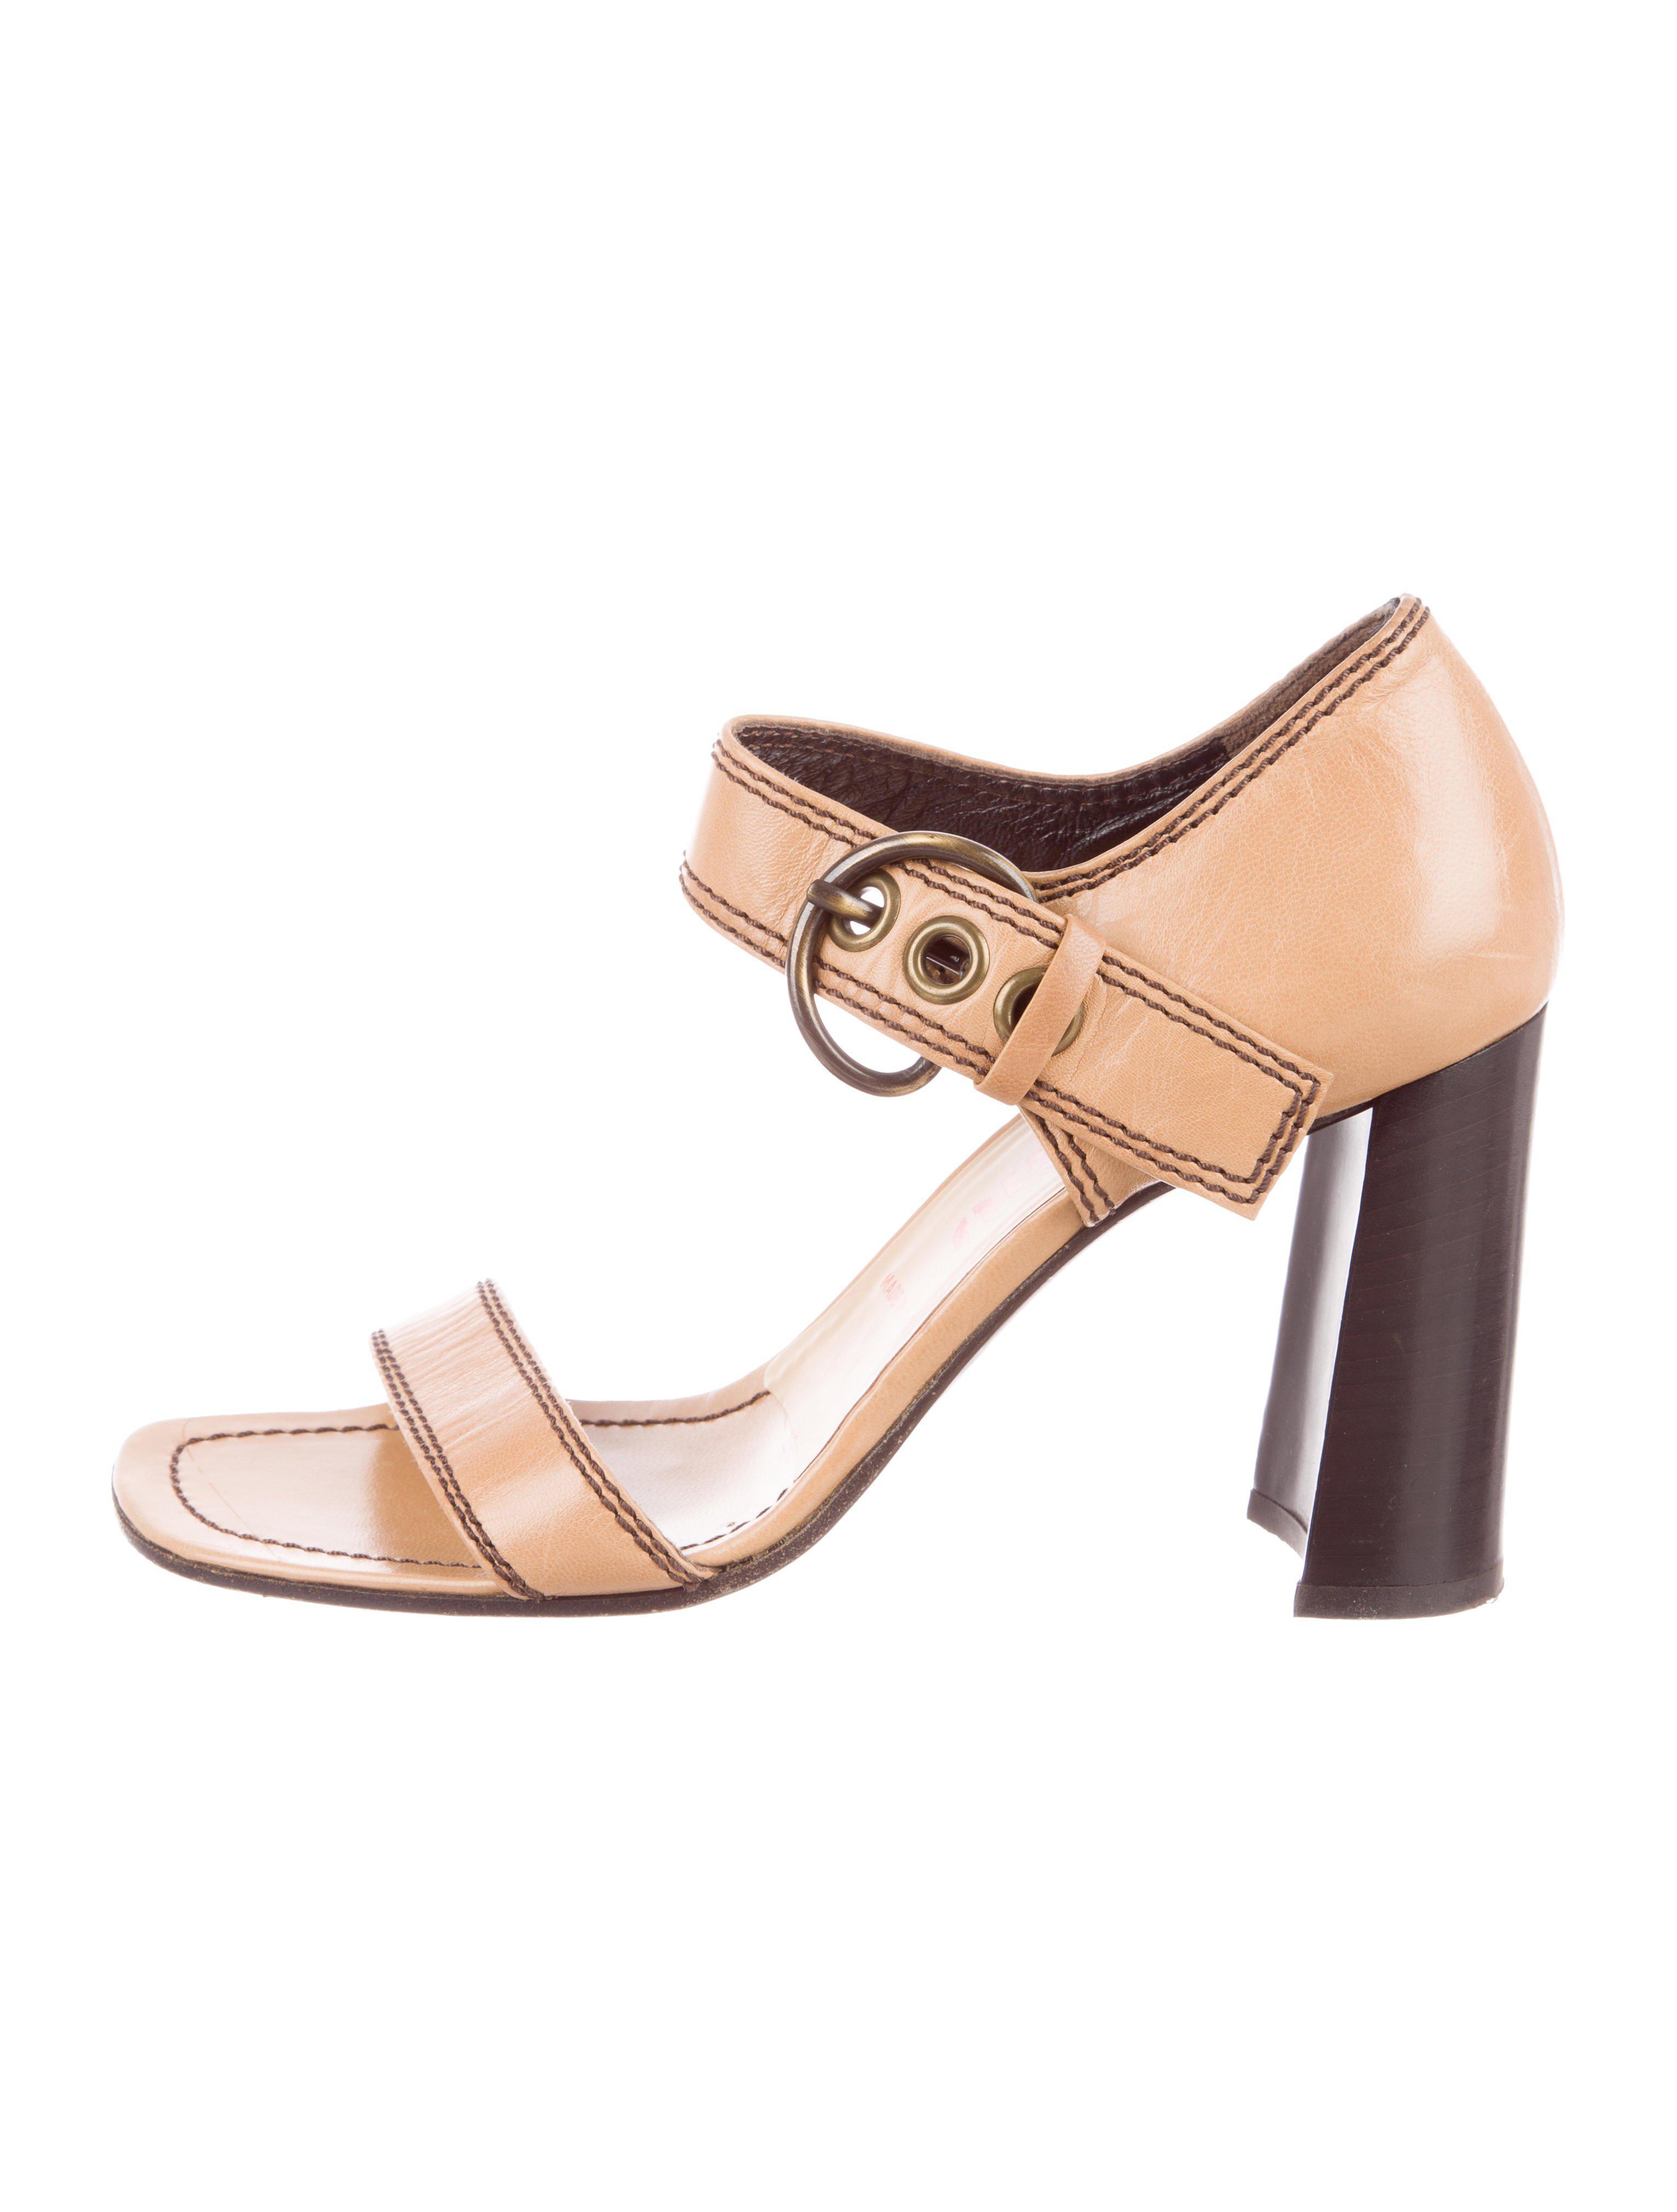 922da9b4f Lyst - Miu Miu Miu Ankle Strap Sandals Tan in Natural